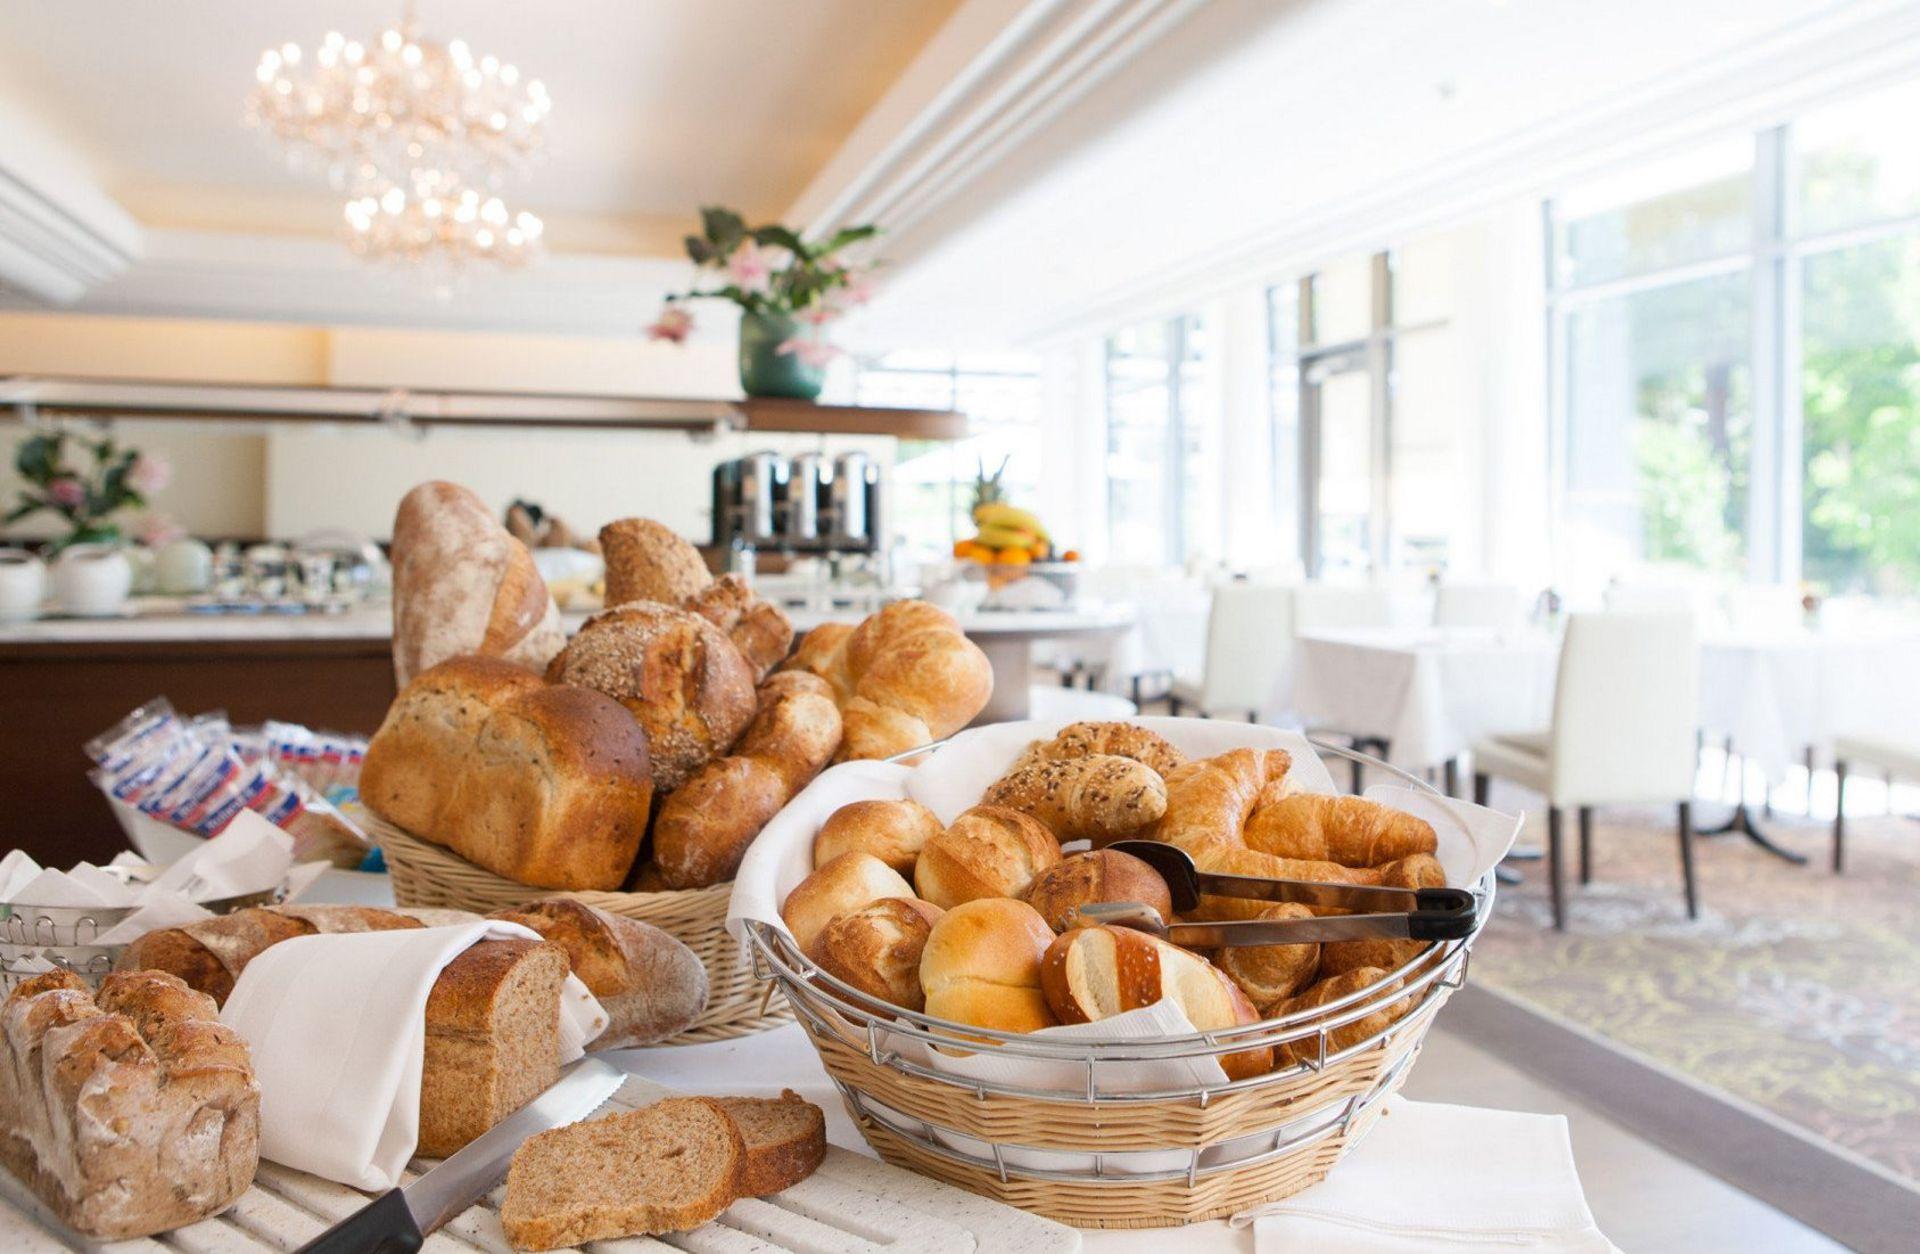 Brotvielfalt am Frühstücksbuffet